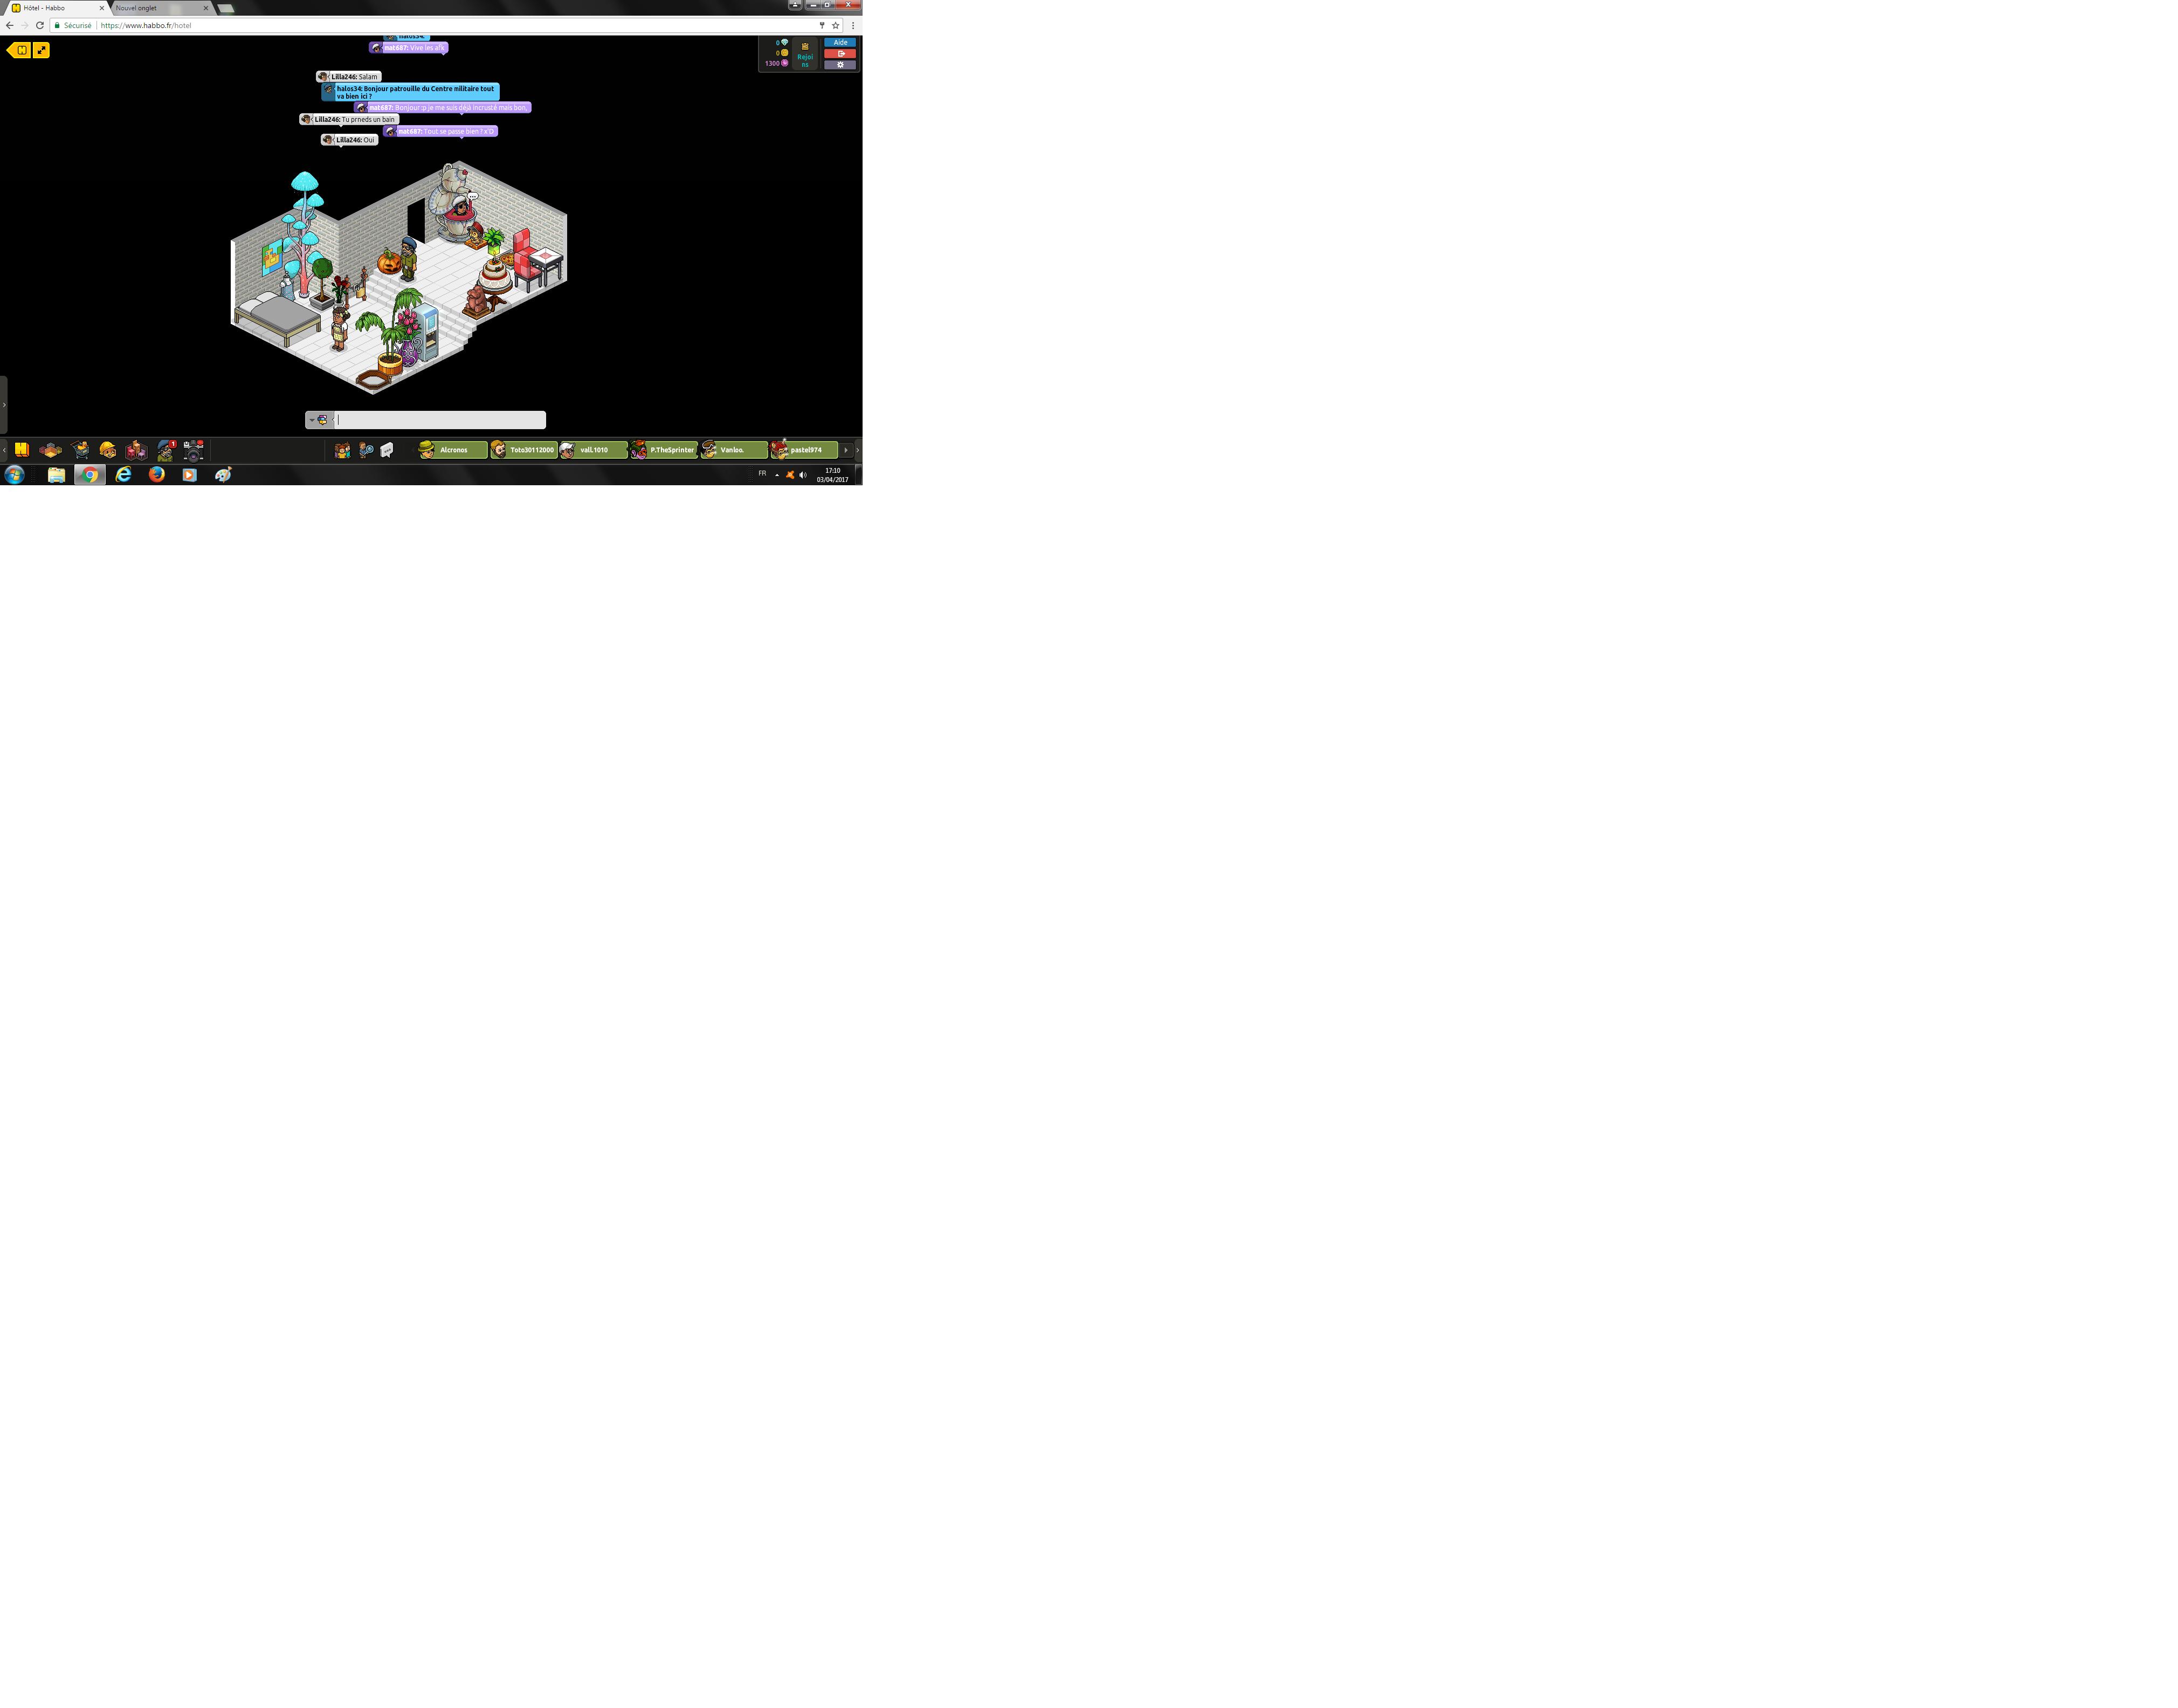 [C.M] Rapport de patrouille d'halos34 - Page 3 594205cmrp182